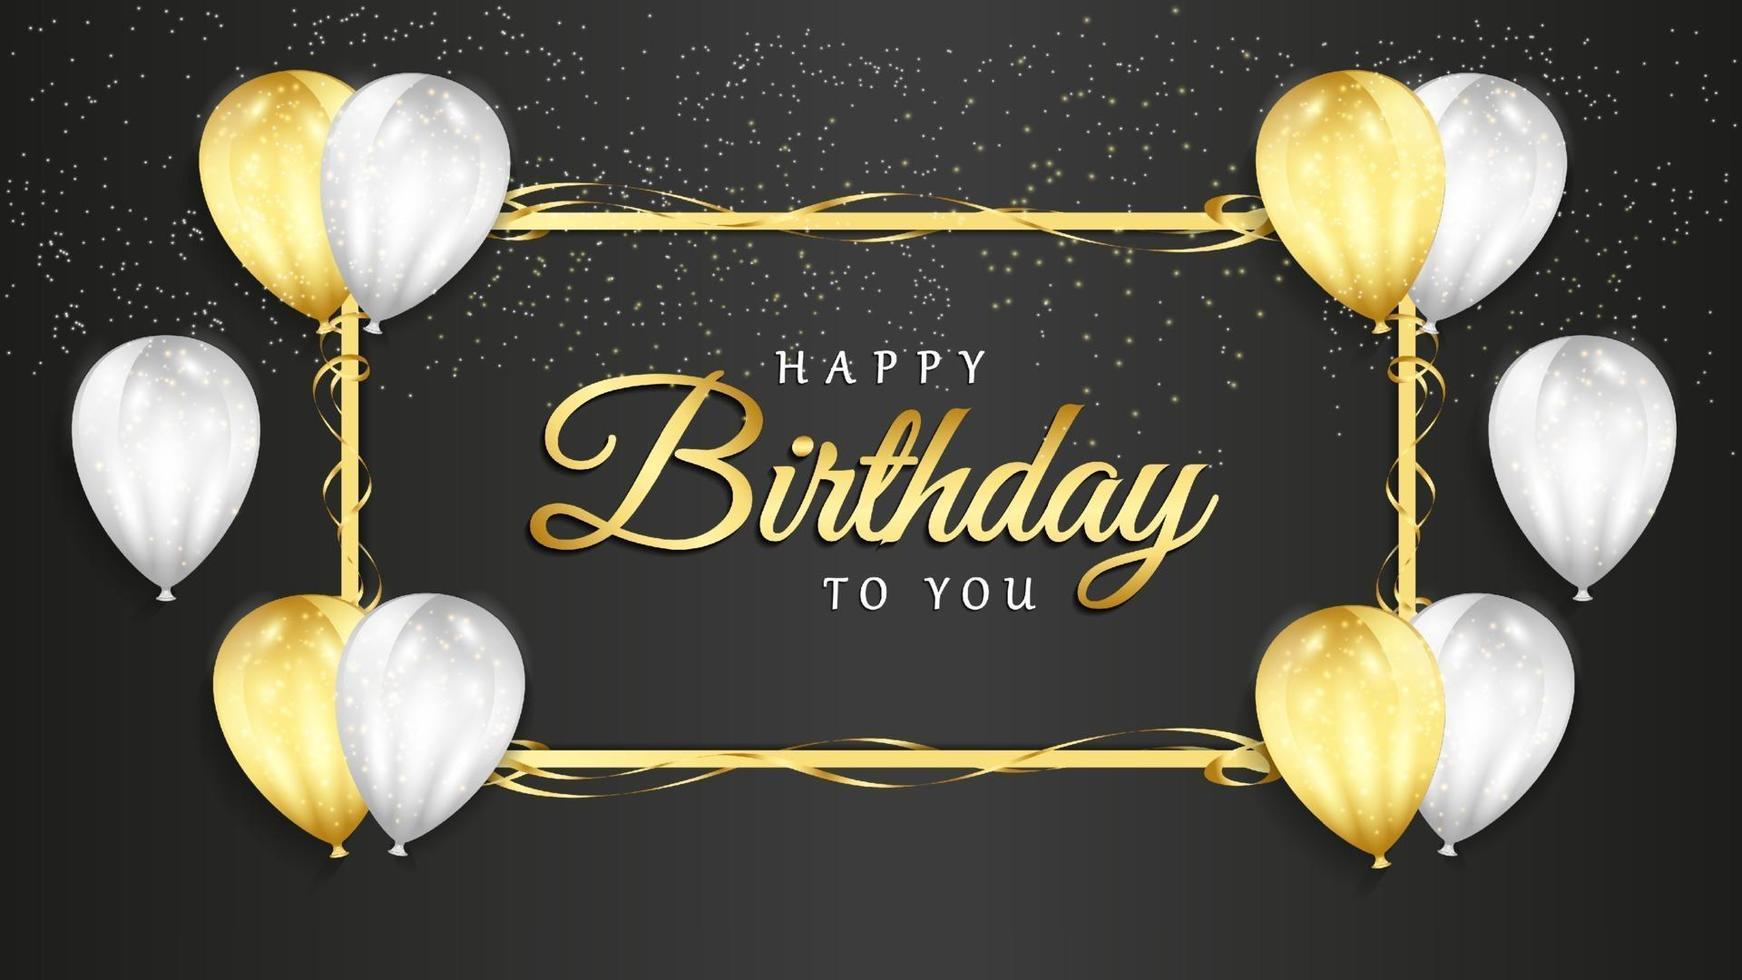 Alles Gute zum Geburtstagsfeier auf schwarzem Hintergrund mit realistischen Luftballons 3d und Glitzerkonfetti für Grußkarte, Partybanner, Jahrestag. vektor